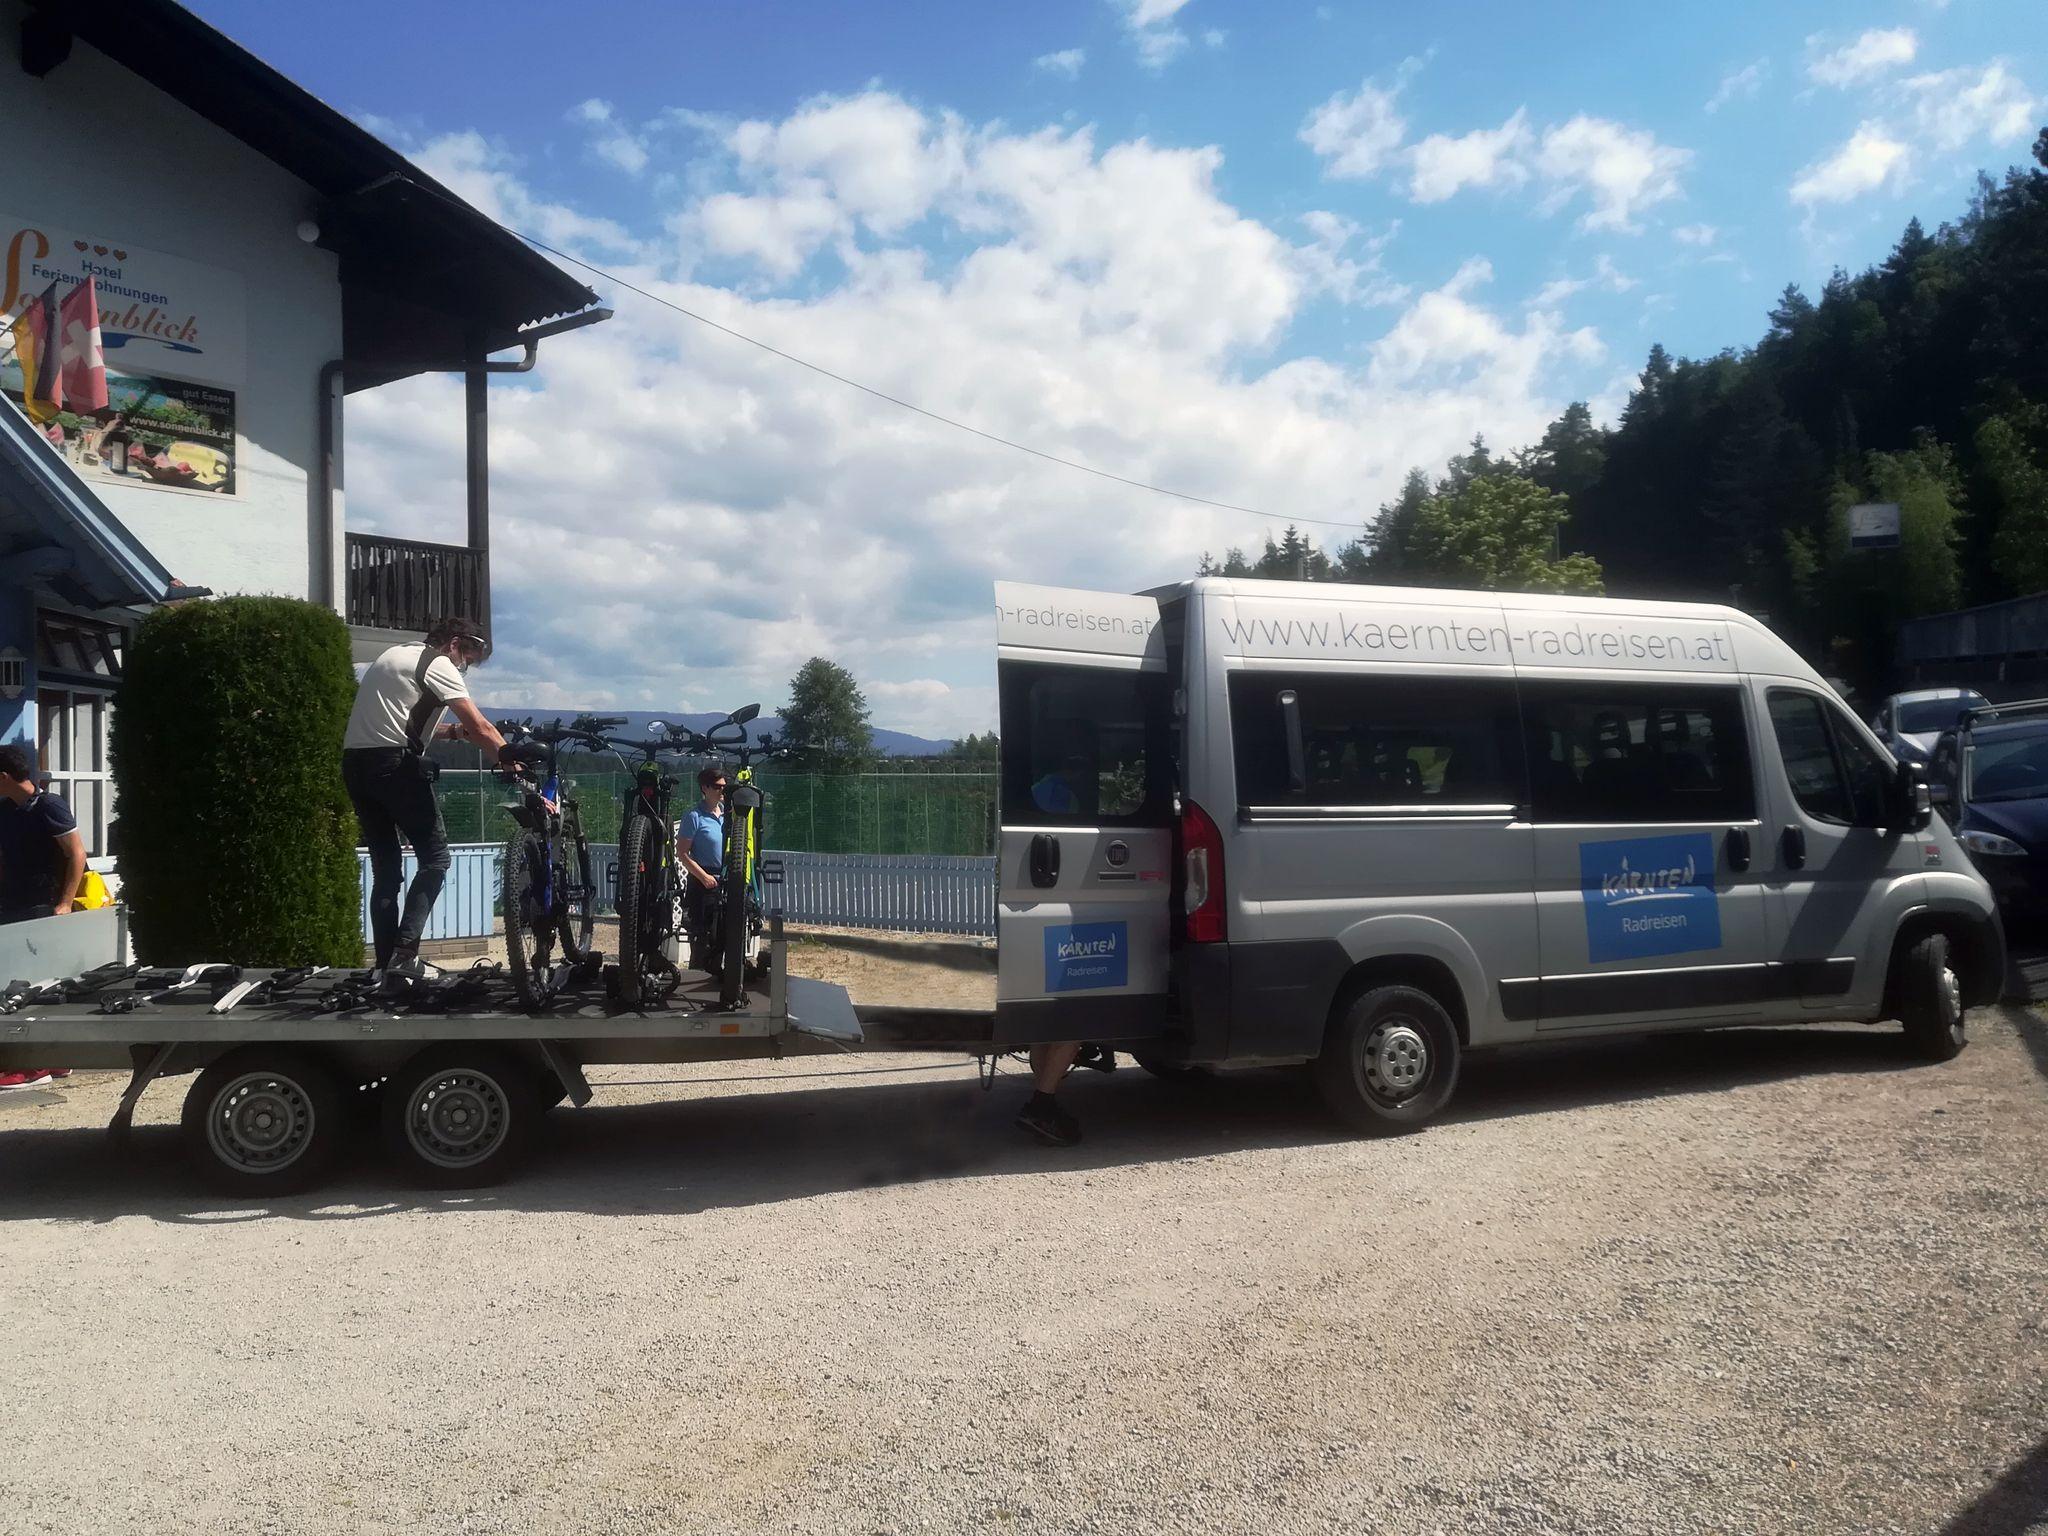 Nechte si pohodlně přepravit zavazadla - autobus pro cyklostezky Korutany Radreisen Drau